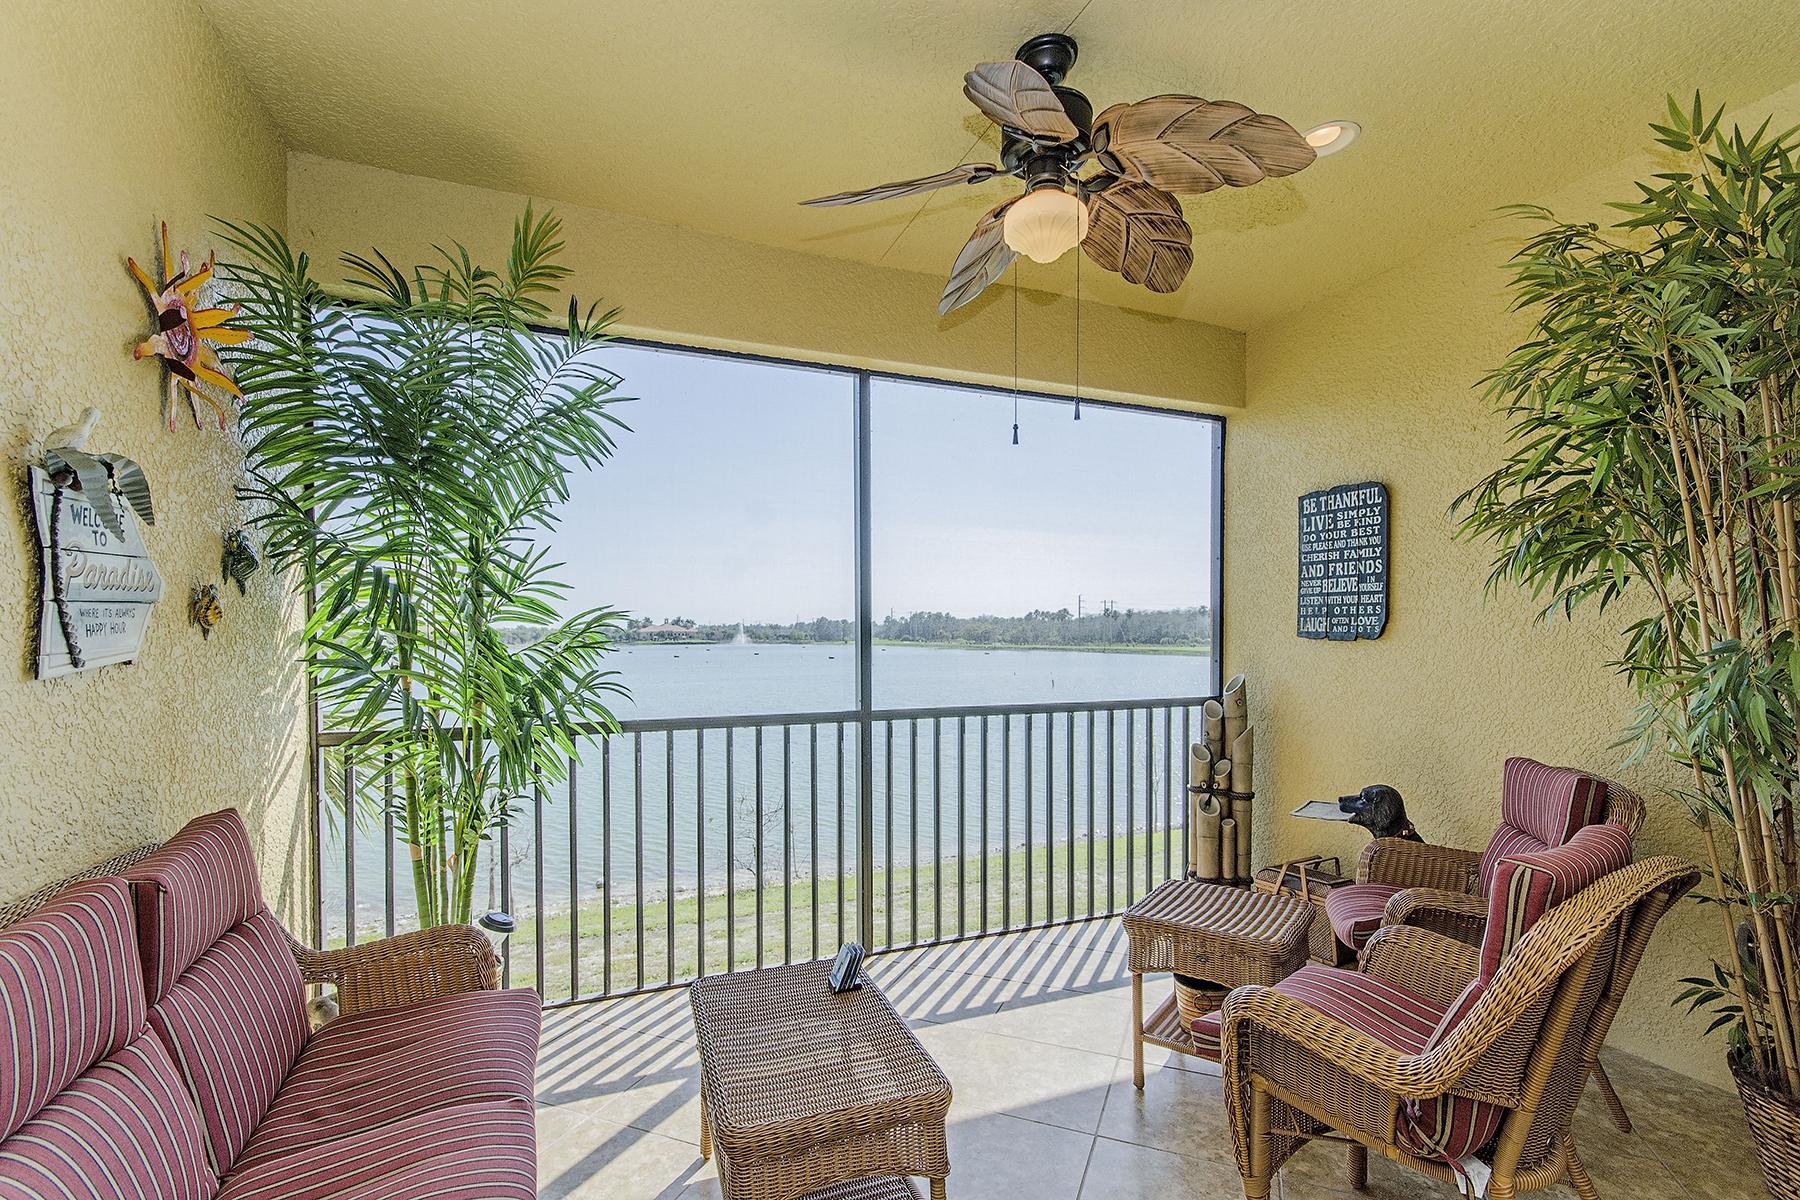 Condominium for Sale at VASARI - MATERA 28412 Altessa Way 203, Bonita Springs, Florida 34135 United States